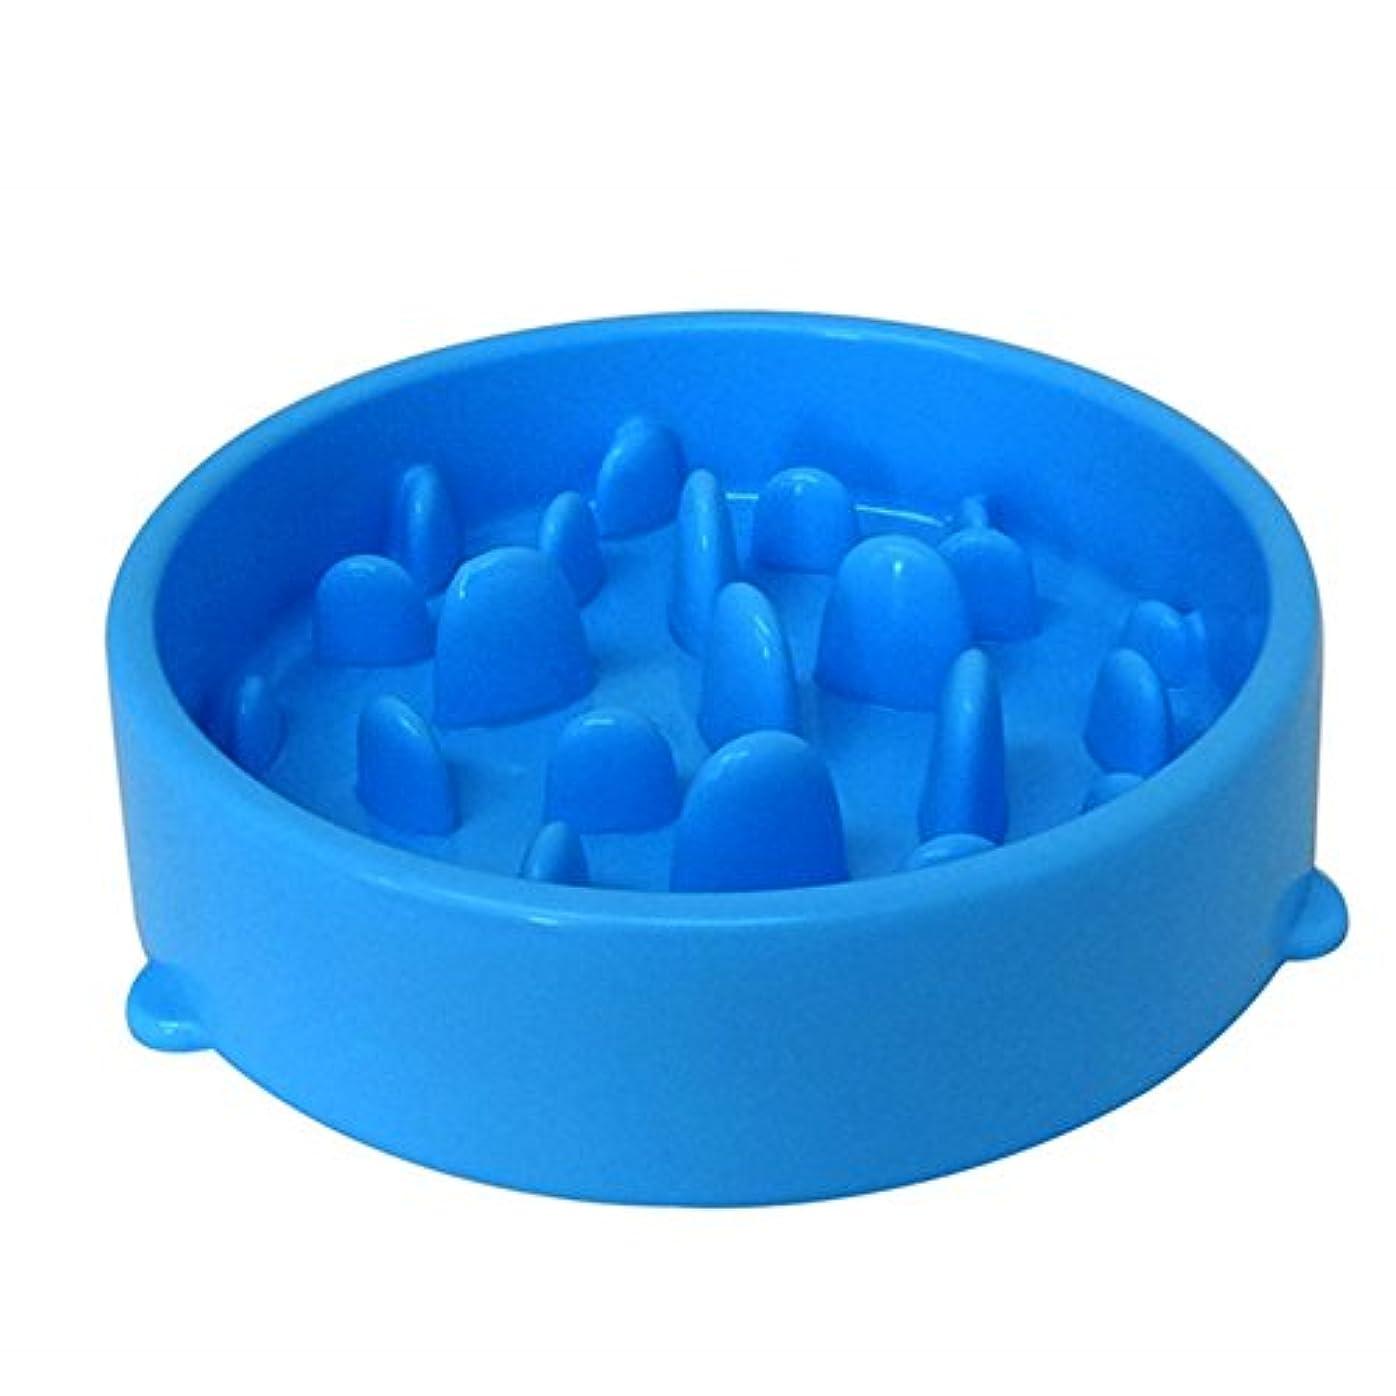 放射する避難ナチュラルDJHbuy 犬猫用ボウル ペット食器 早食い防止 食事 滑り止め 小中型犬用 給餌器 肥満解消 ボウル食器 洗いやすい